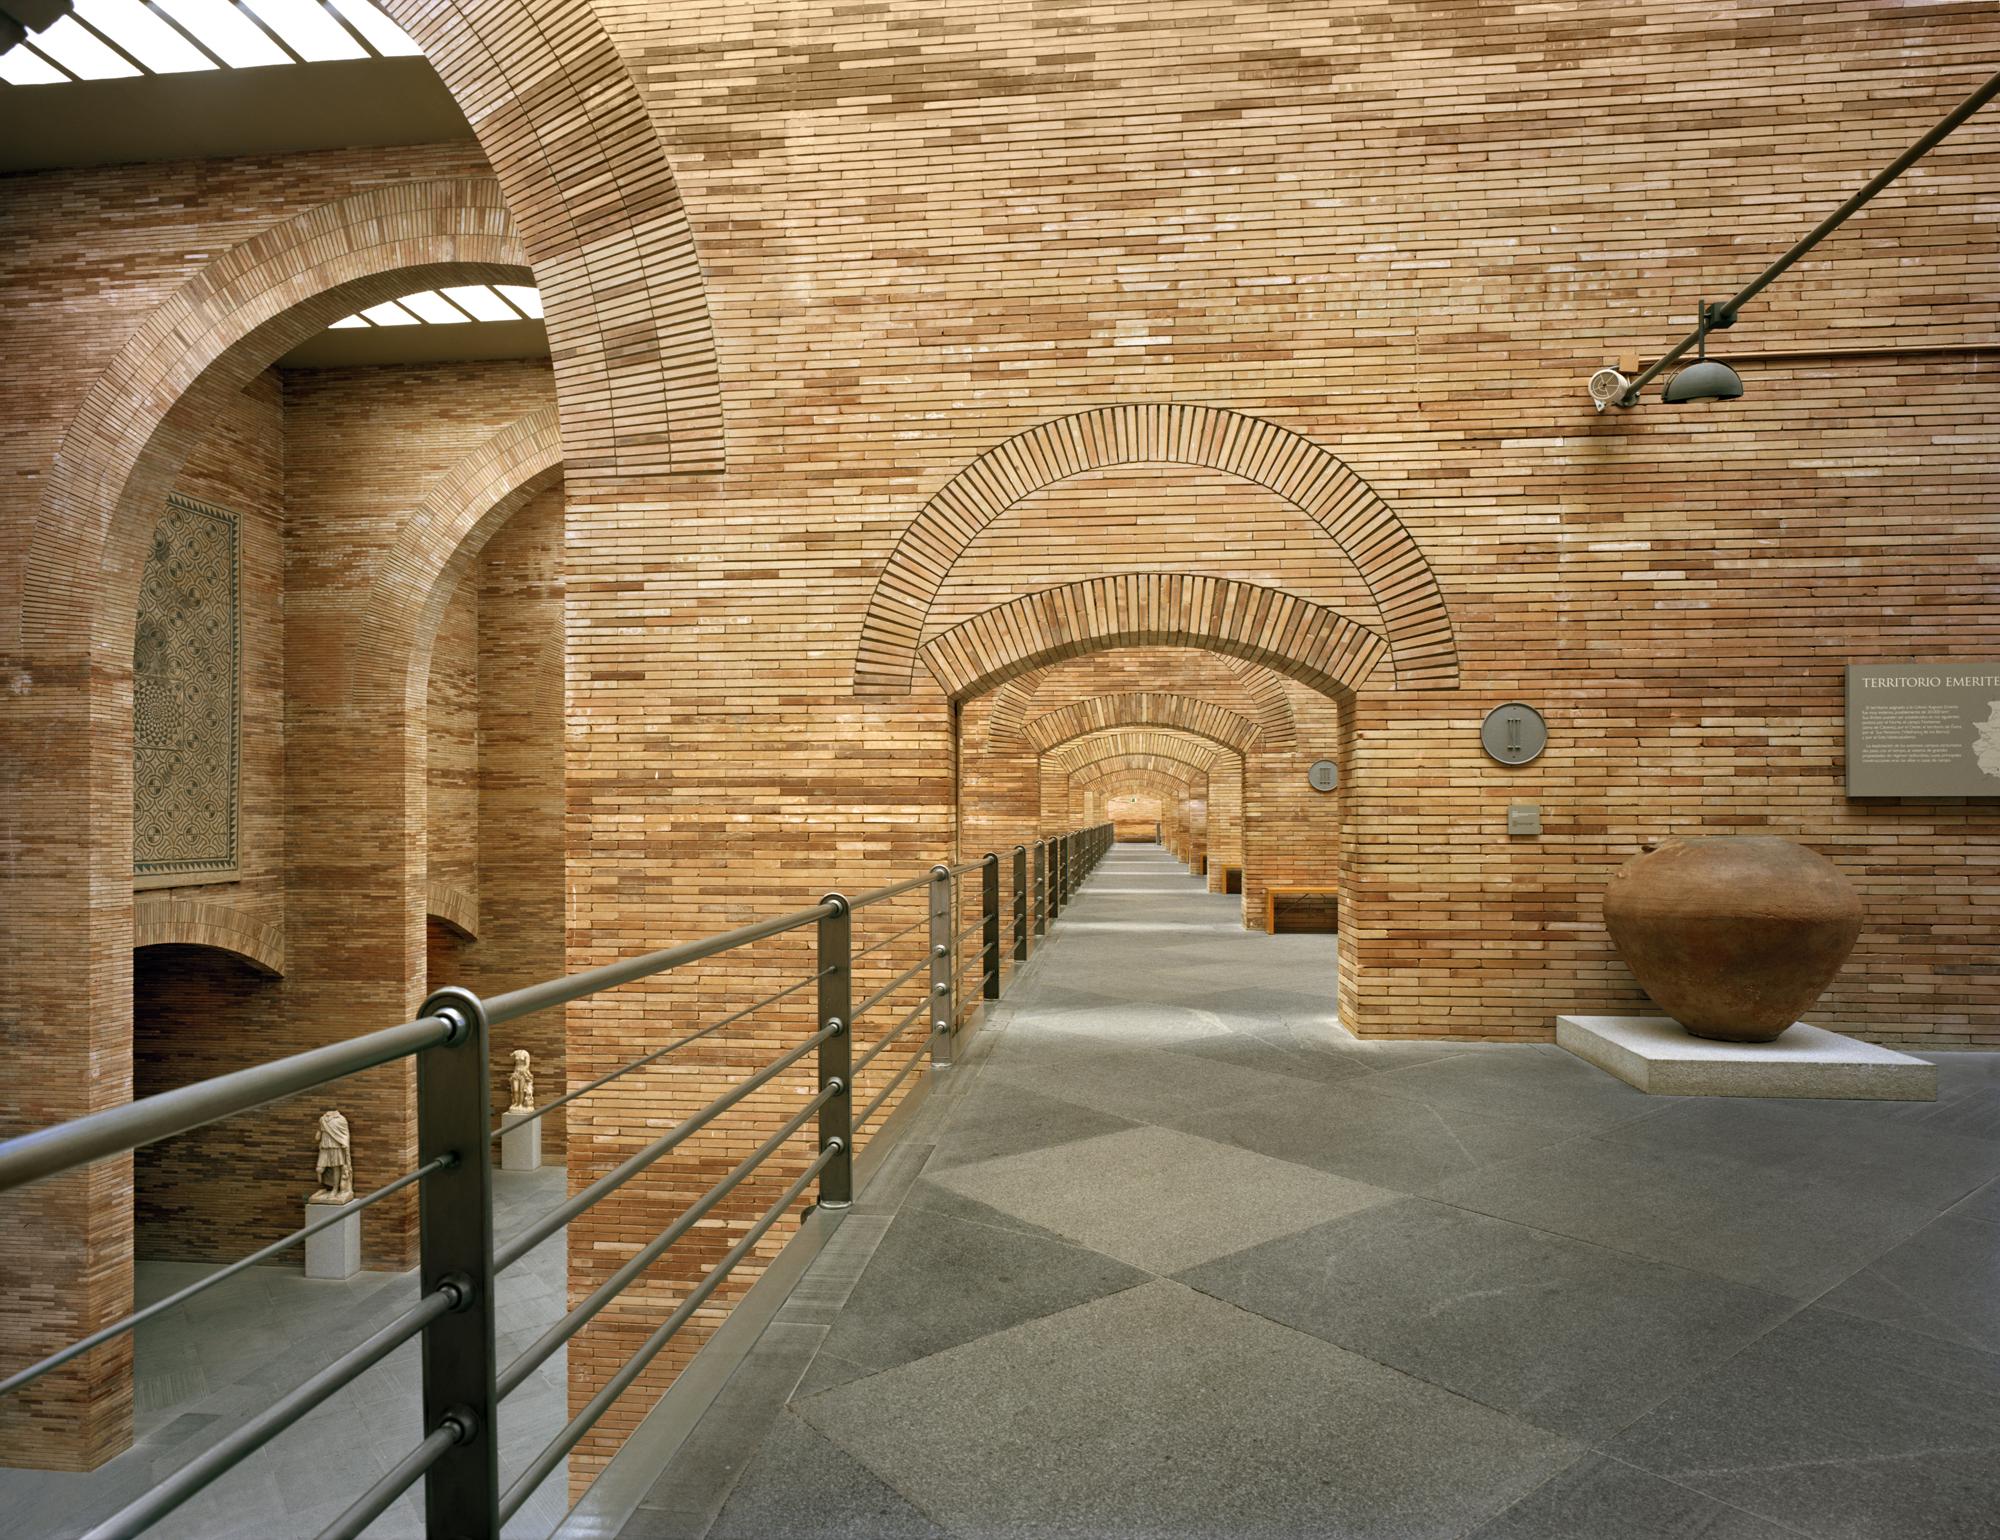 Il museo di arte romana, a Merida, in Spagna